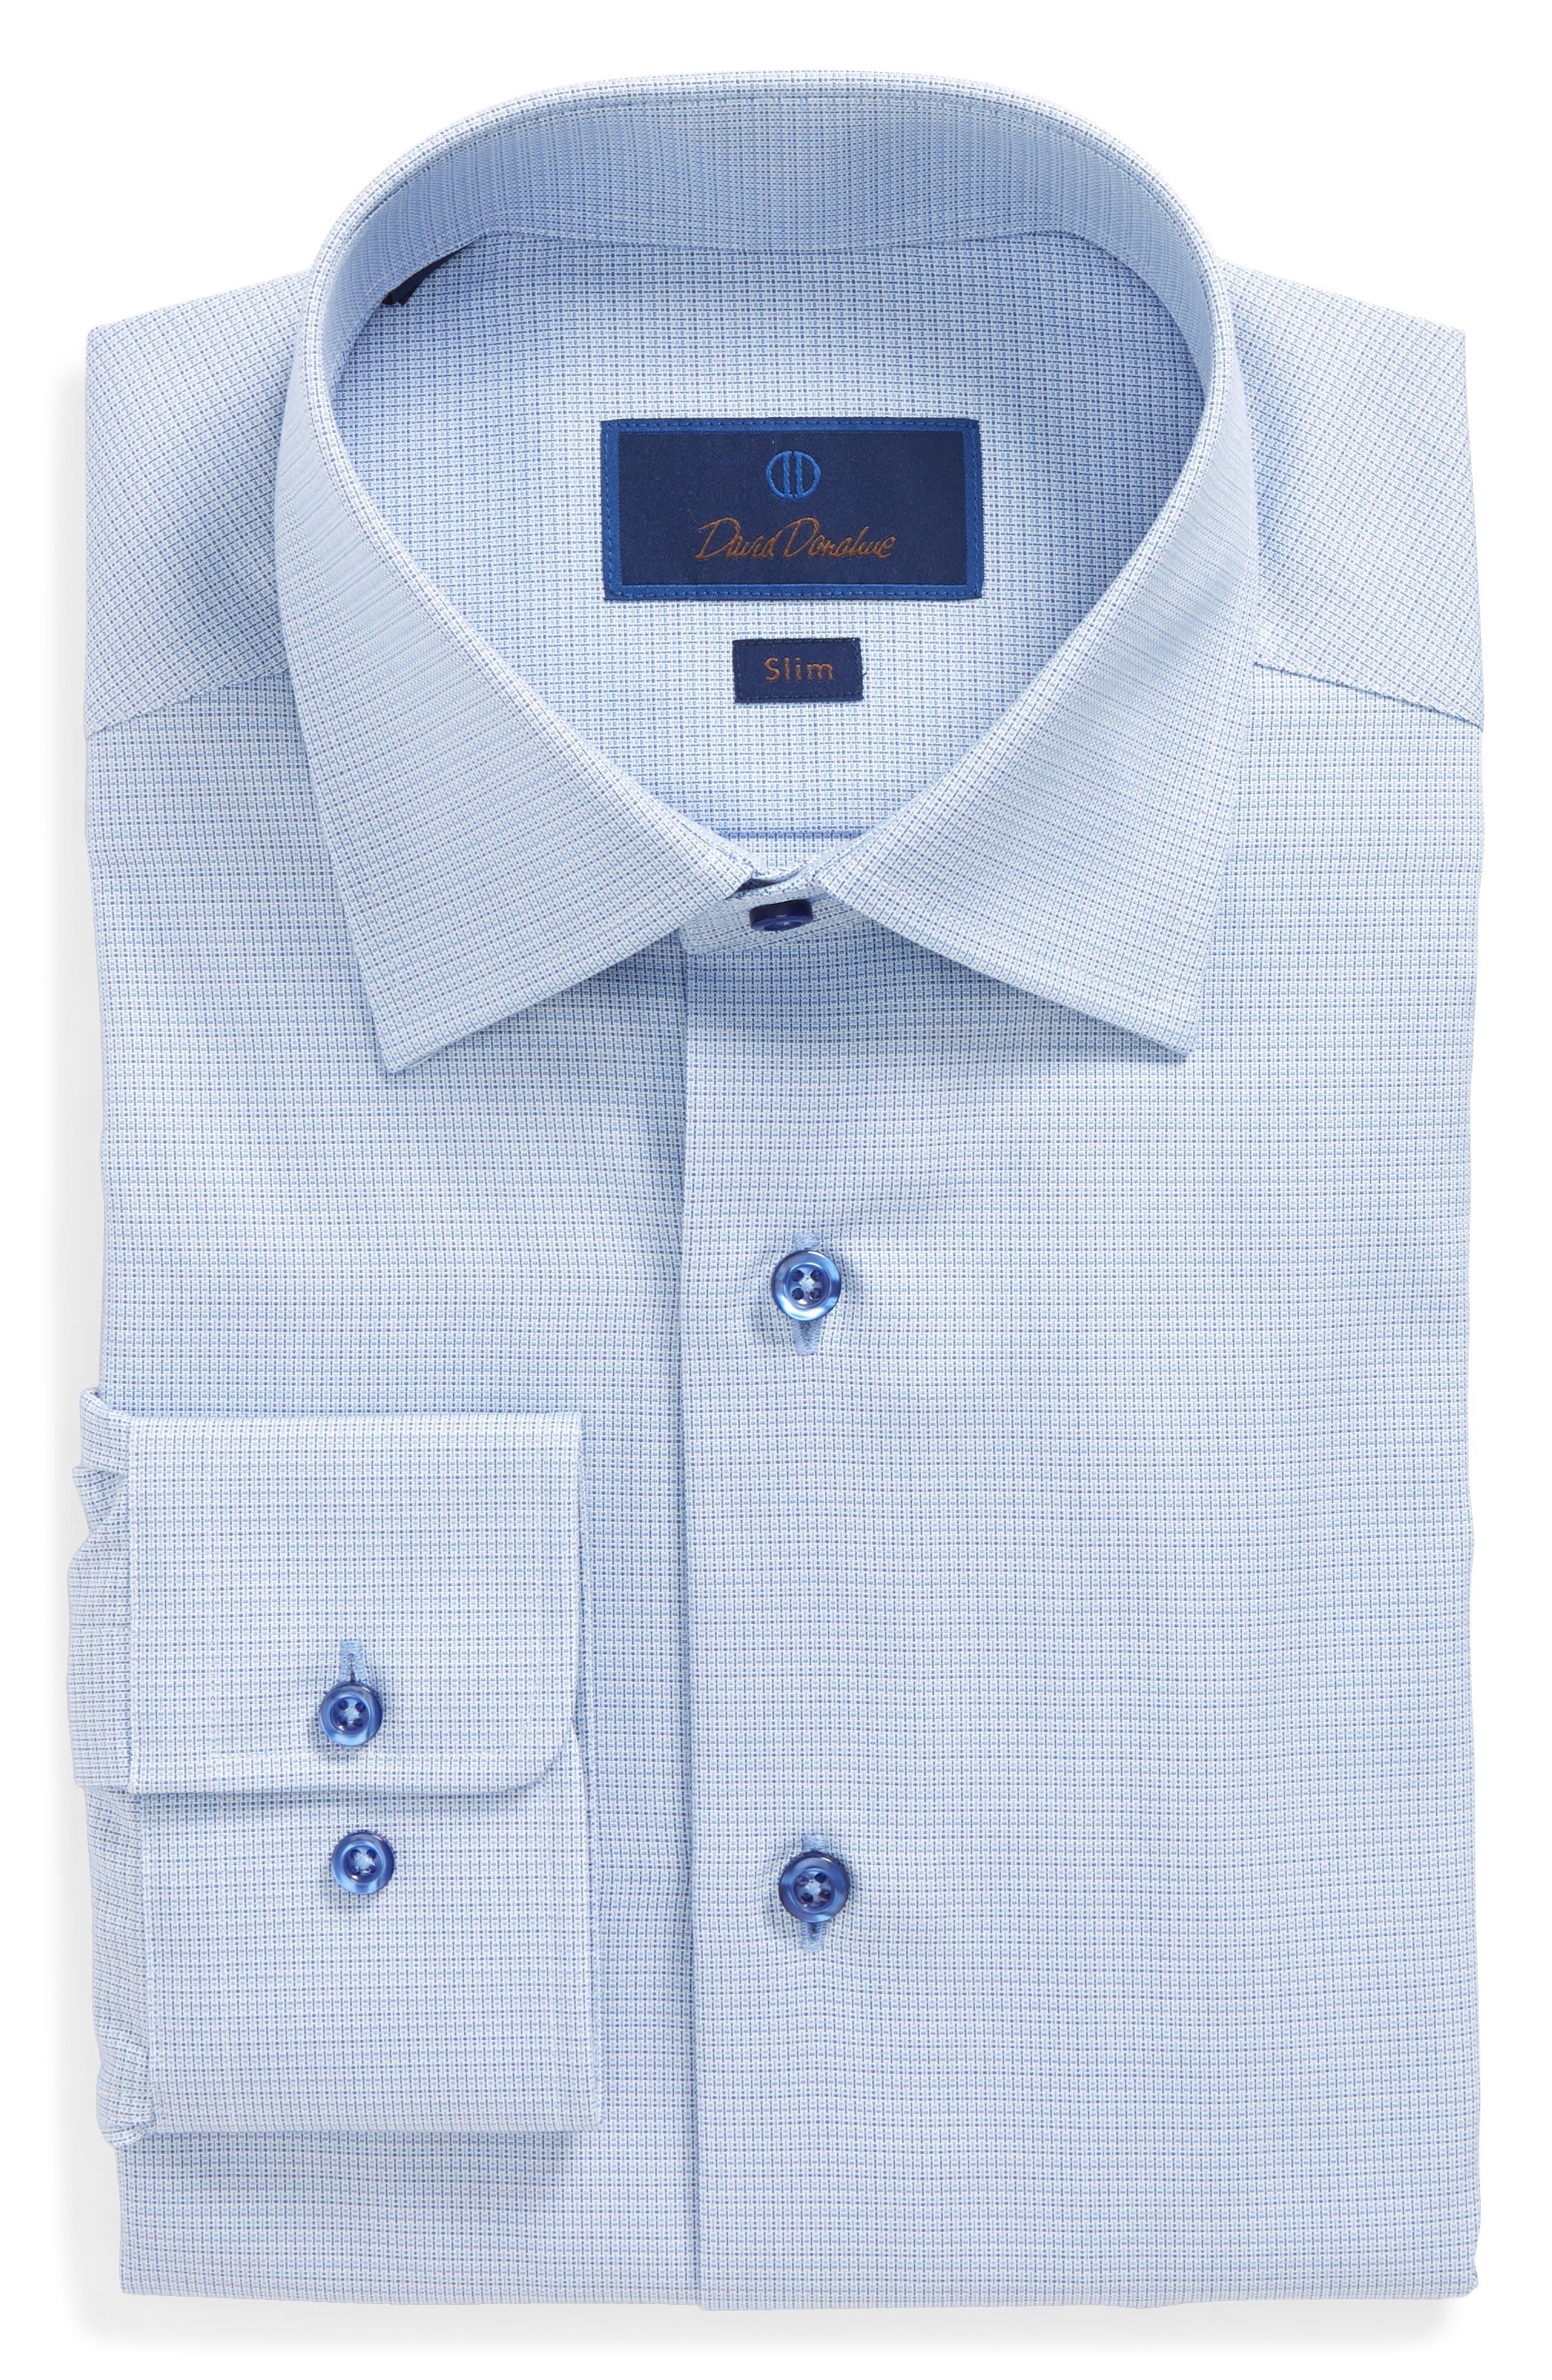 Alternate Image 1 Selected - David Donahue Print Slim Fit Dress Shirt